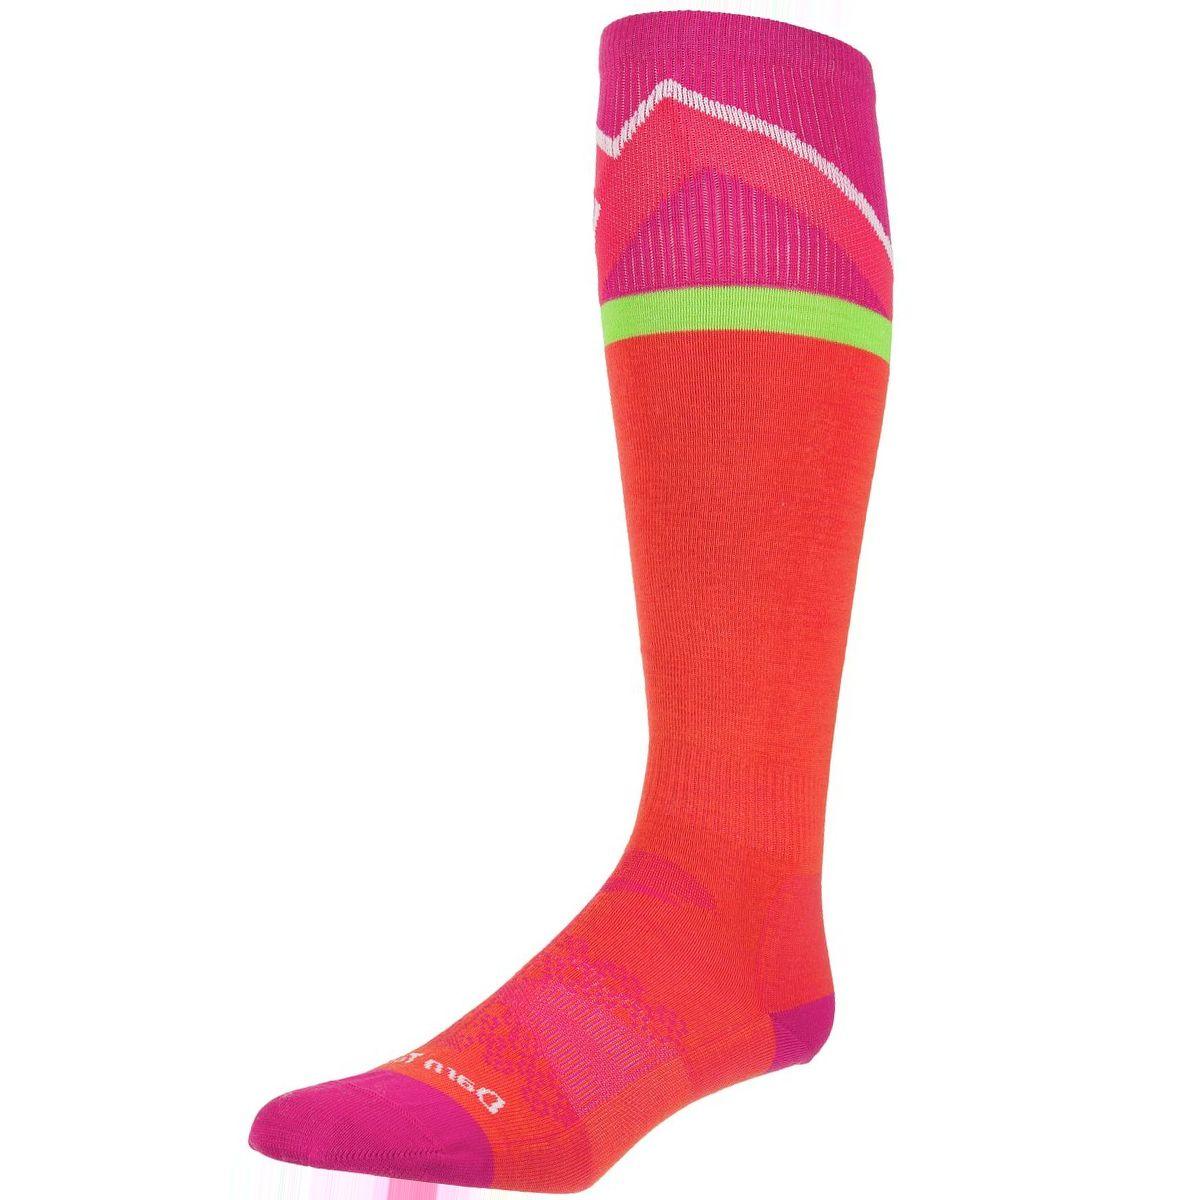 Darn Tough Mountain Top Light Sock - Women's